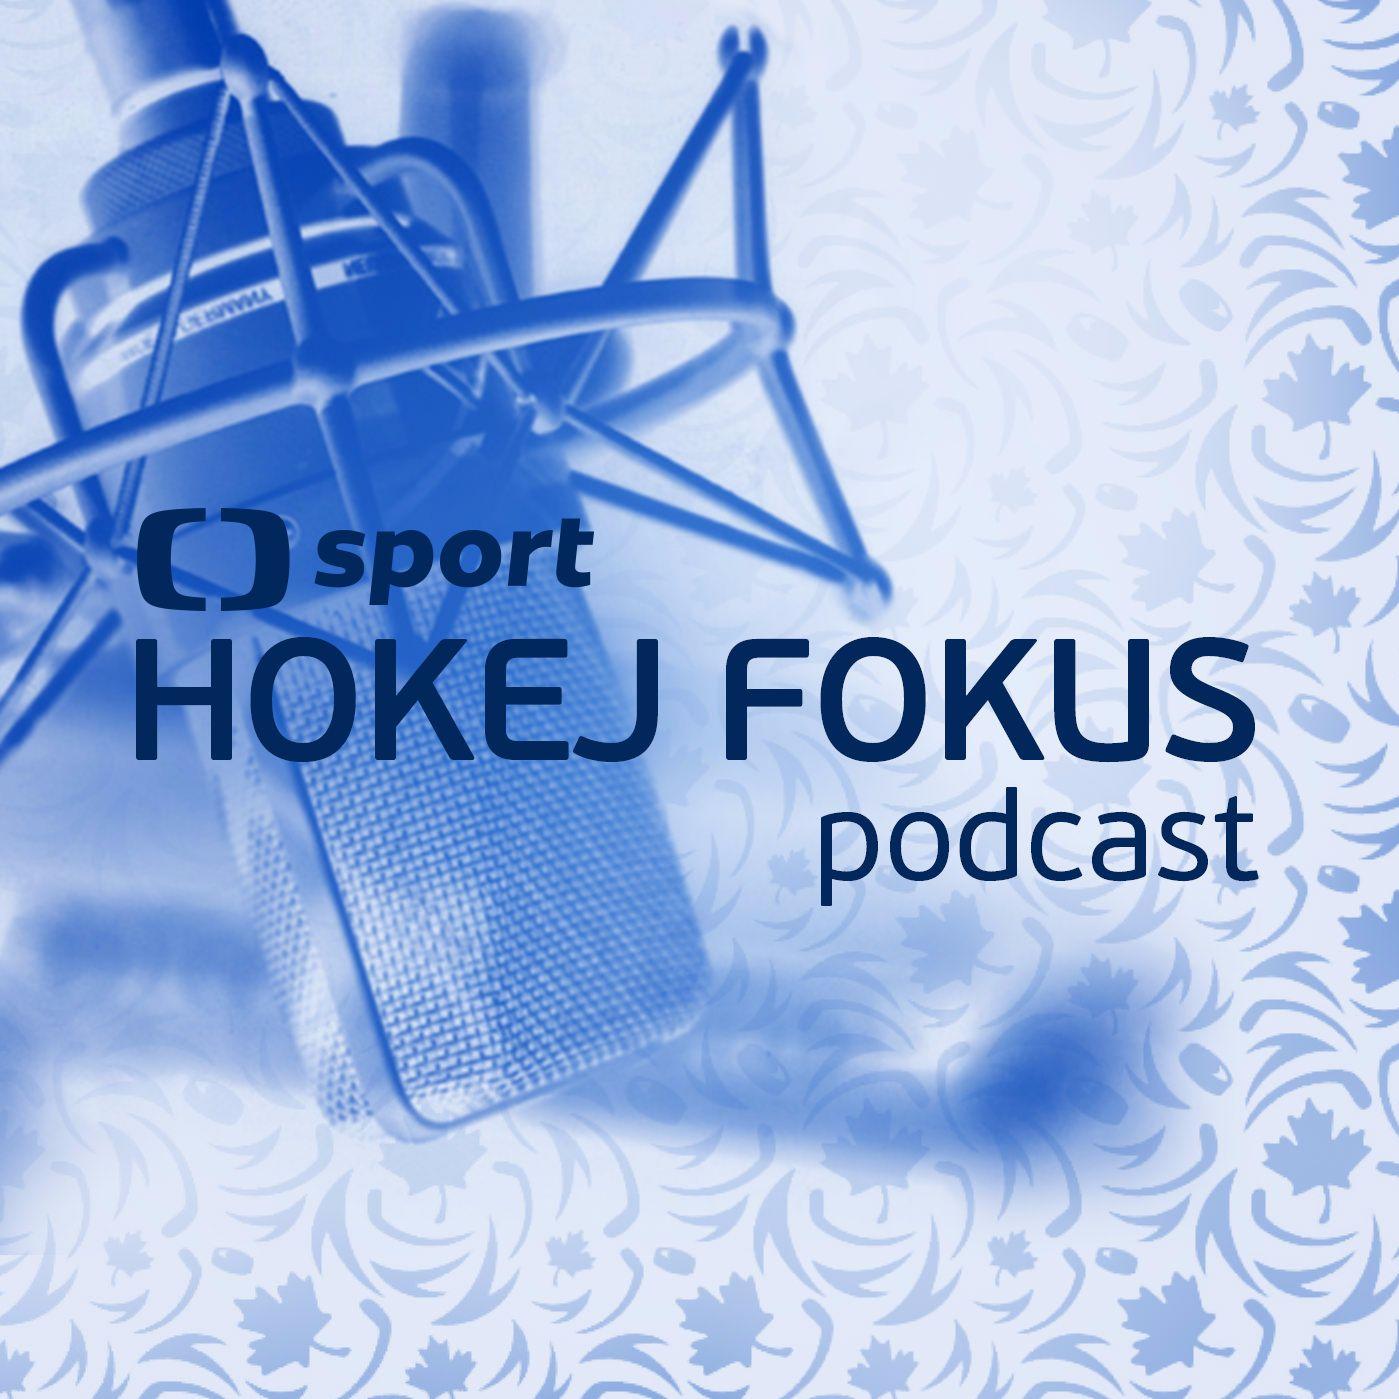 Hokej fokus podcast: Jaké má česká reprezentace šance na Světovém poháru?